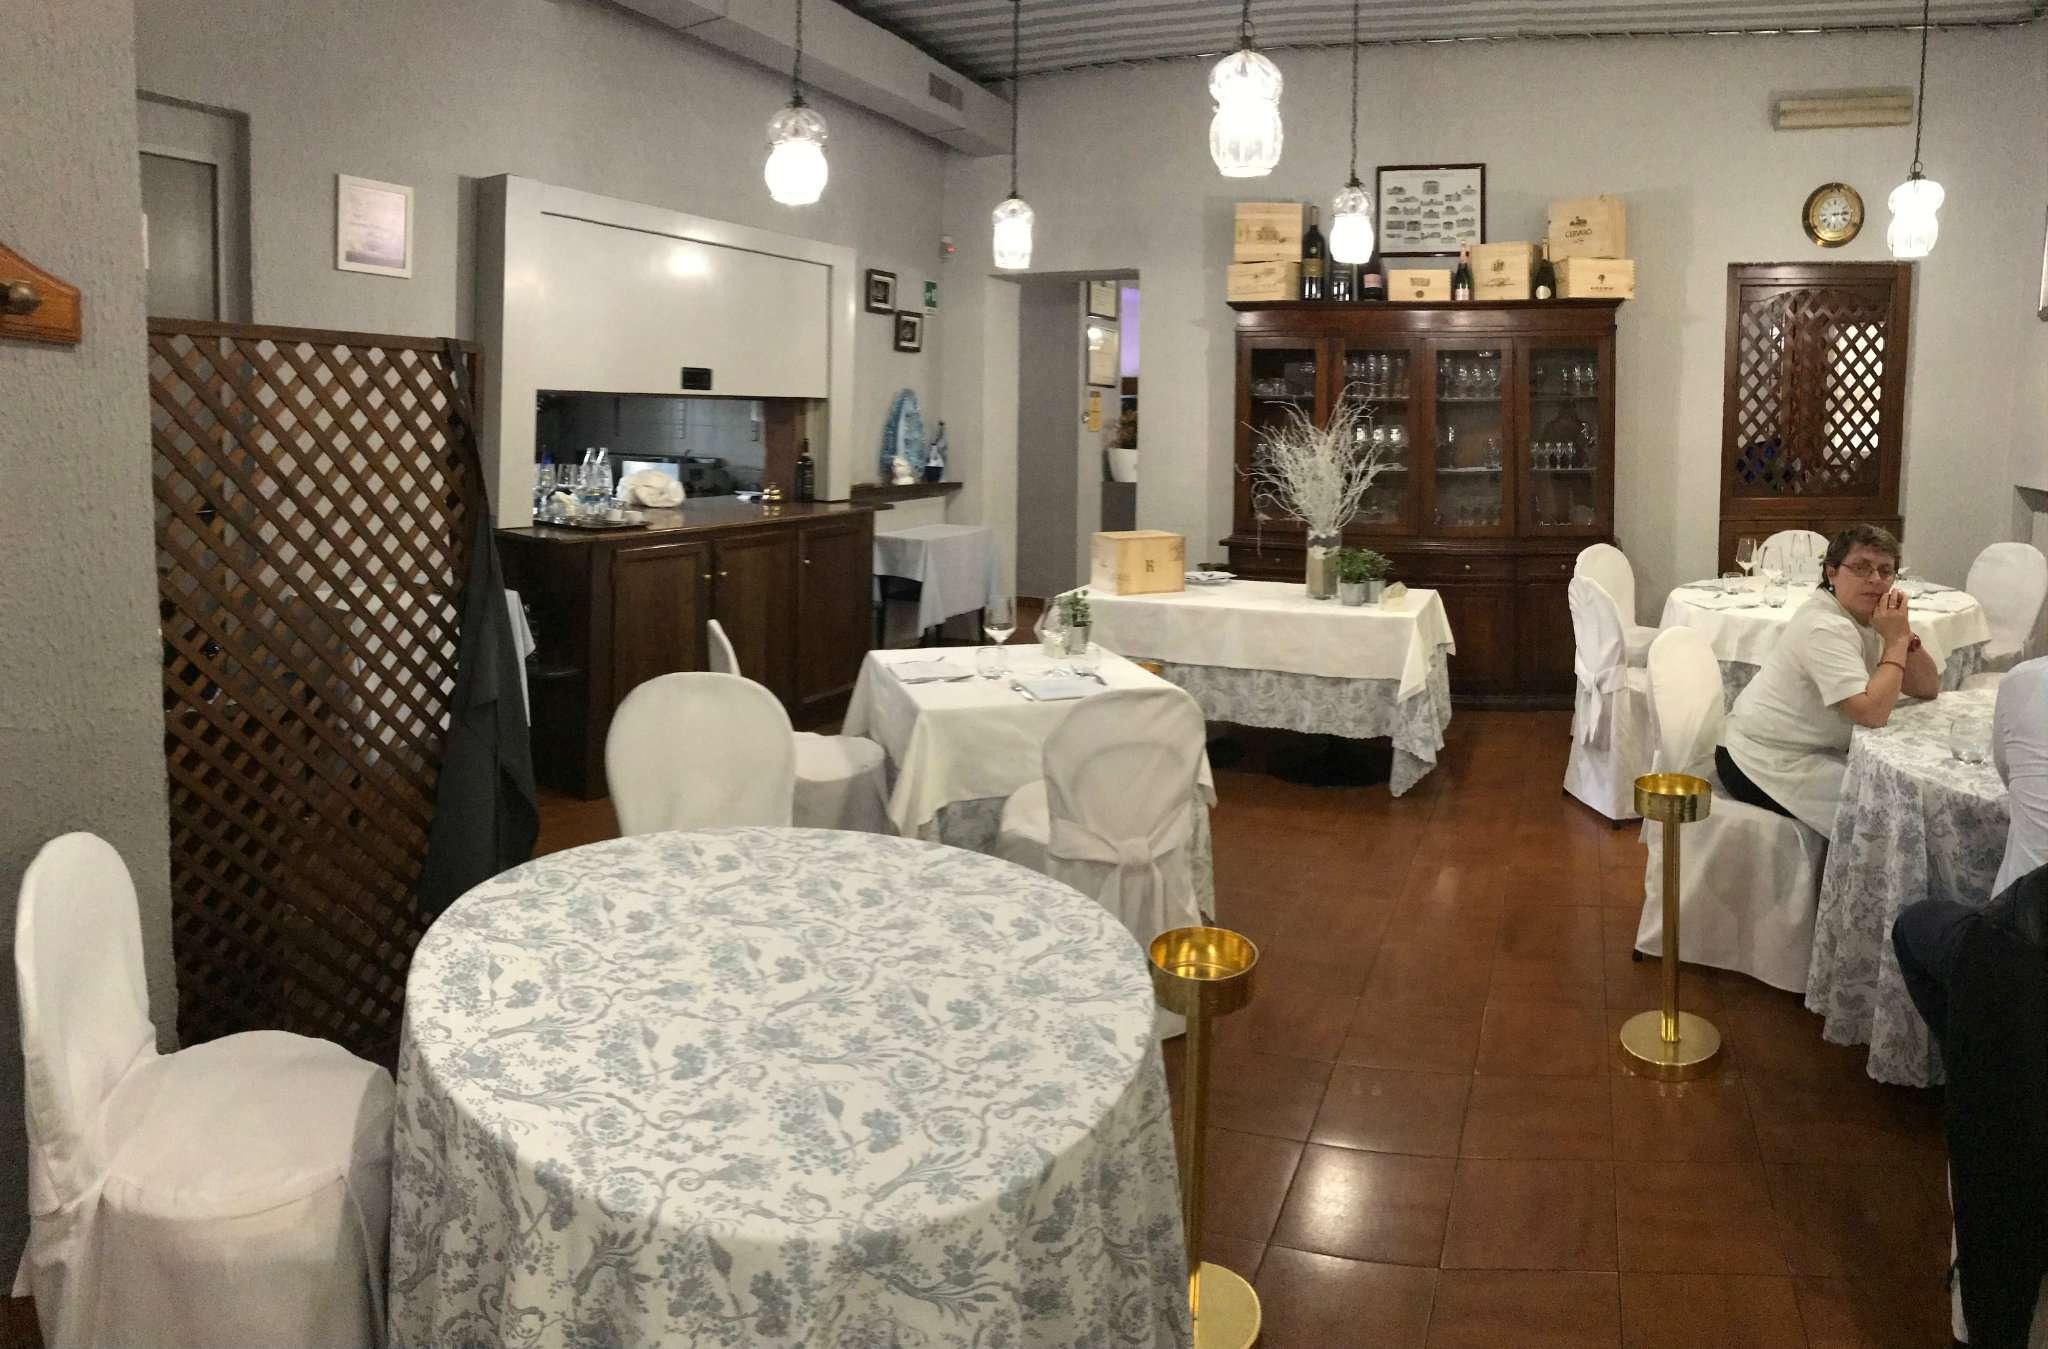 Ristorante Pizzeria Trattoria Torino Vendita Zona 7 Santa Rita